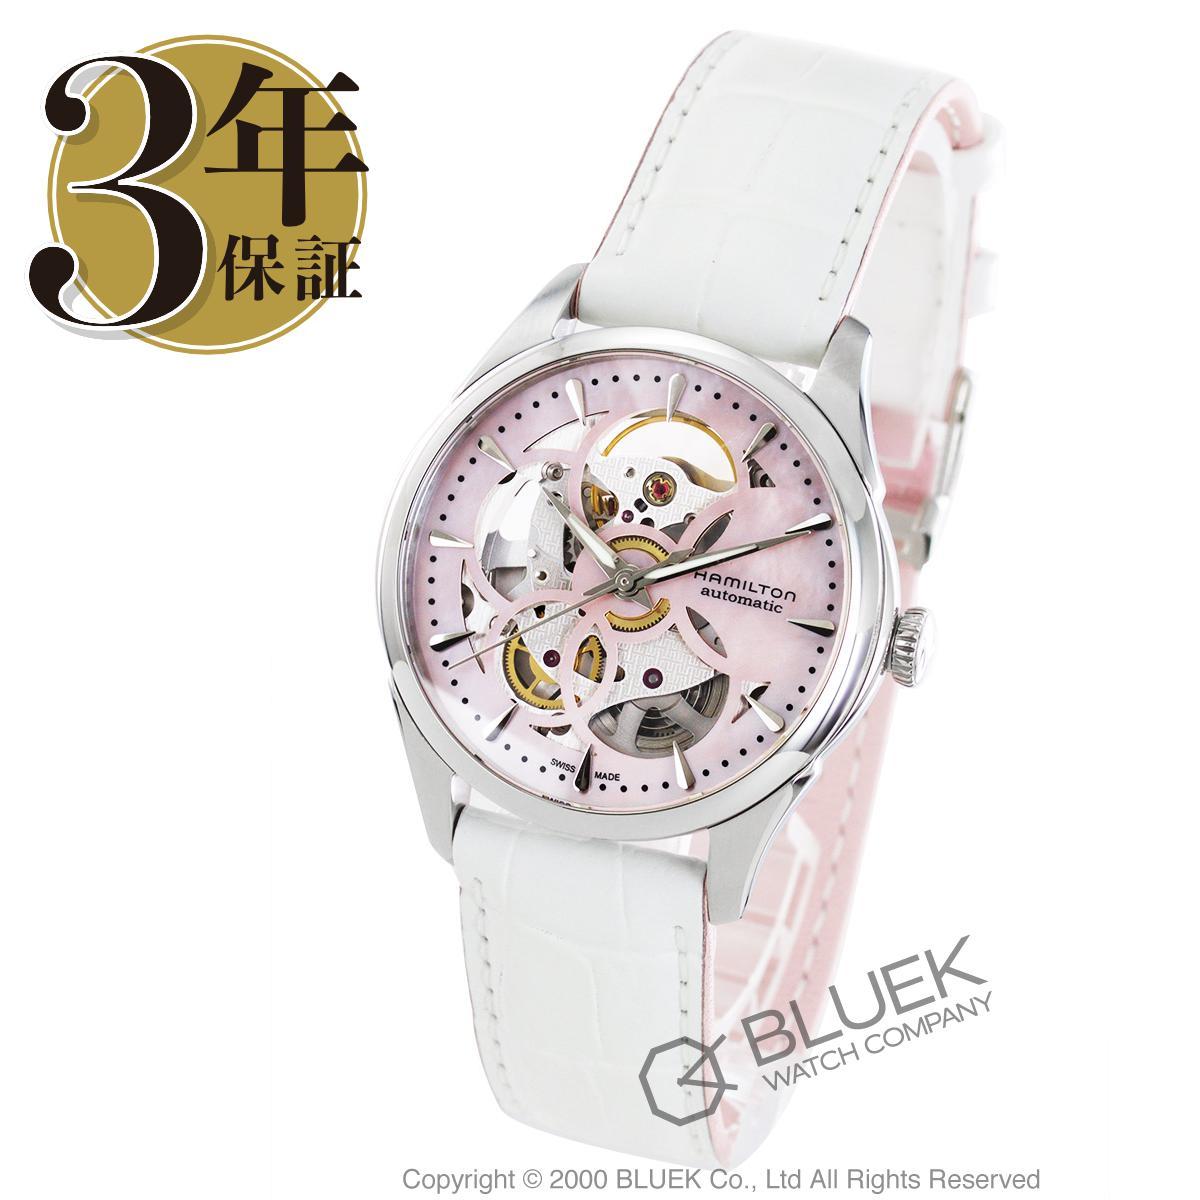 ハミルトン ジャズマスター ビューマチック スケルトン レディ 腕時計 レディース HAMILTON H32405871_8